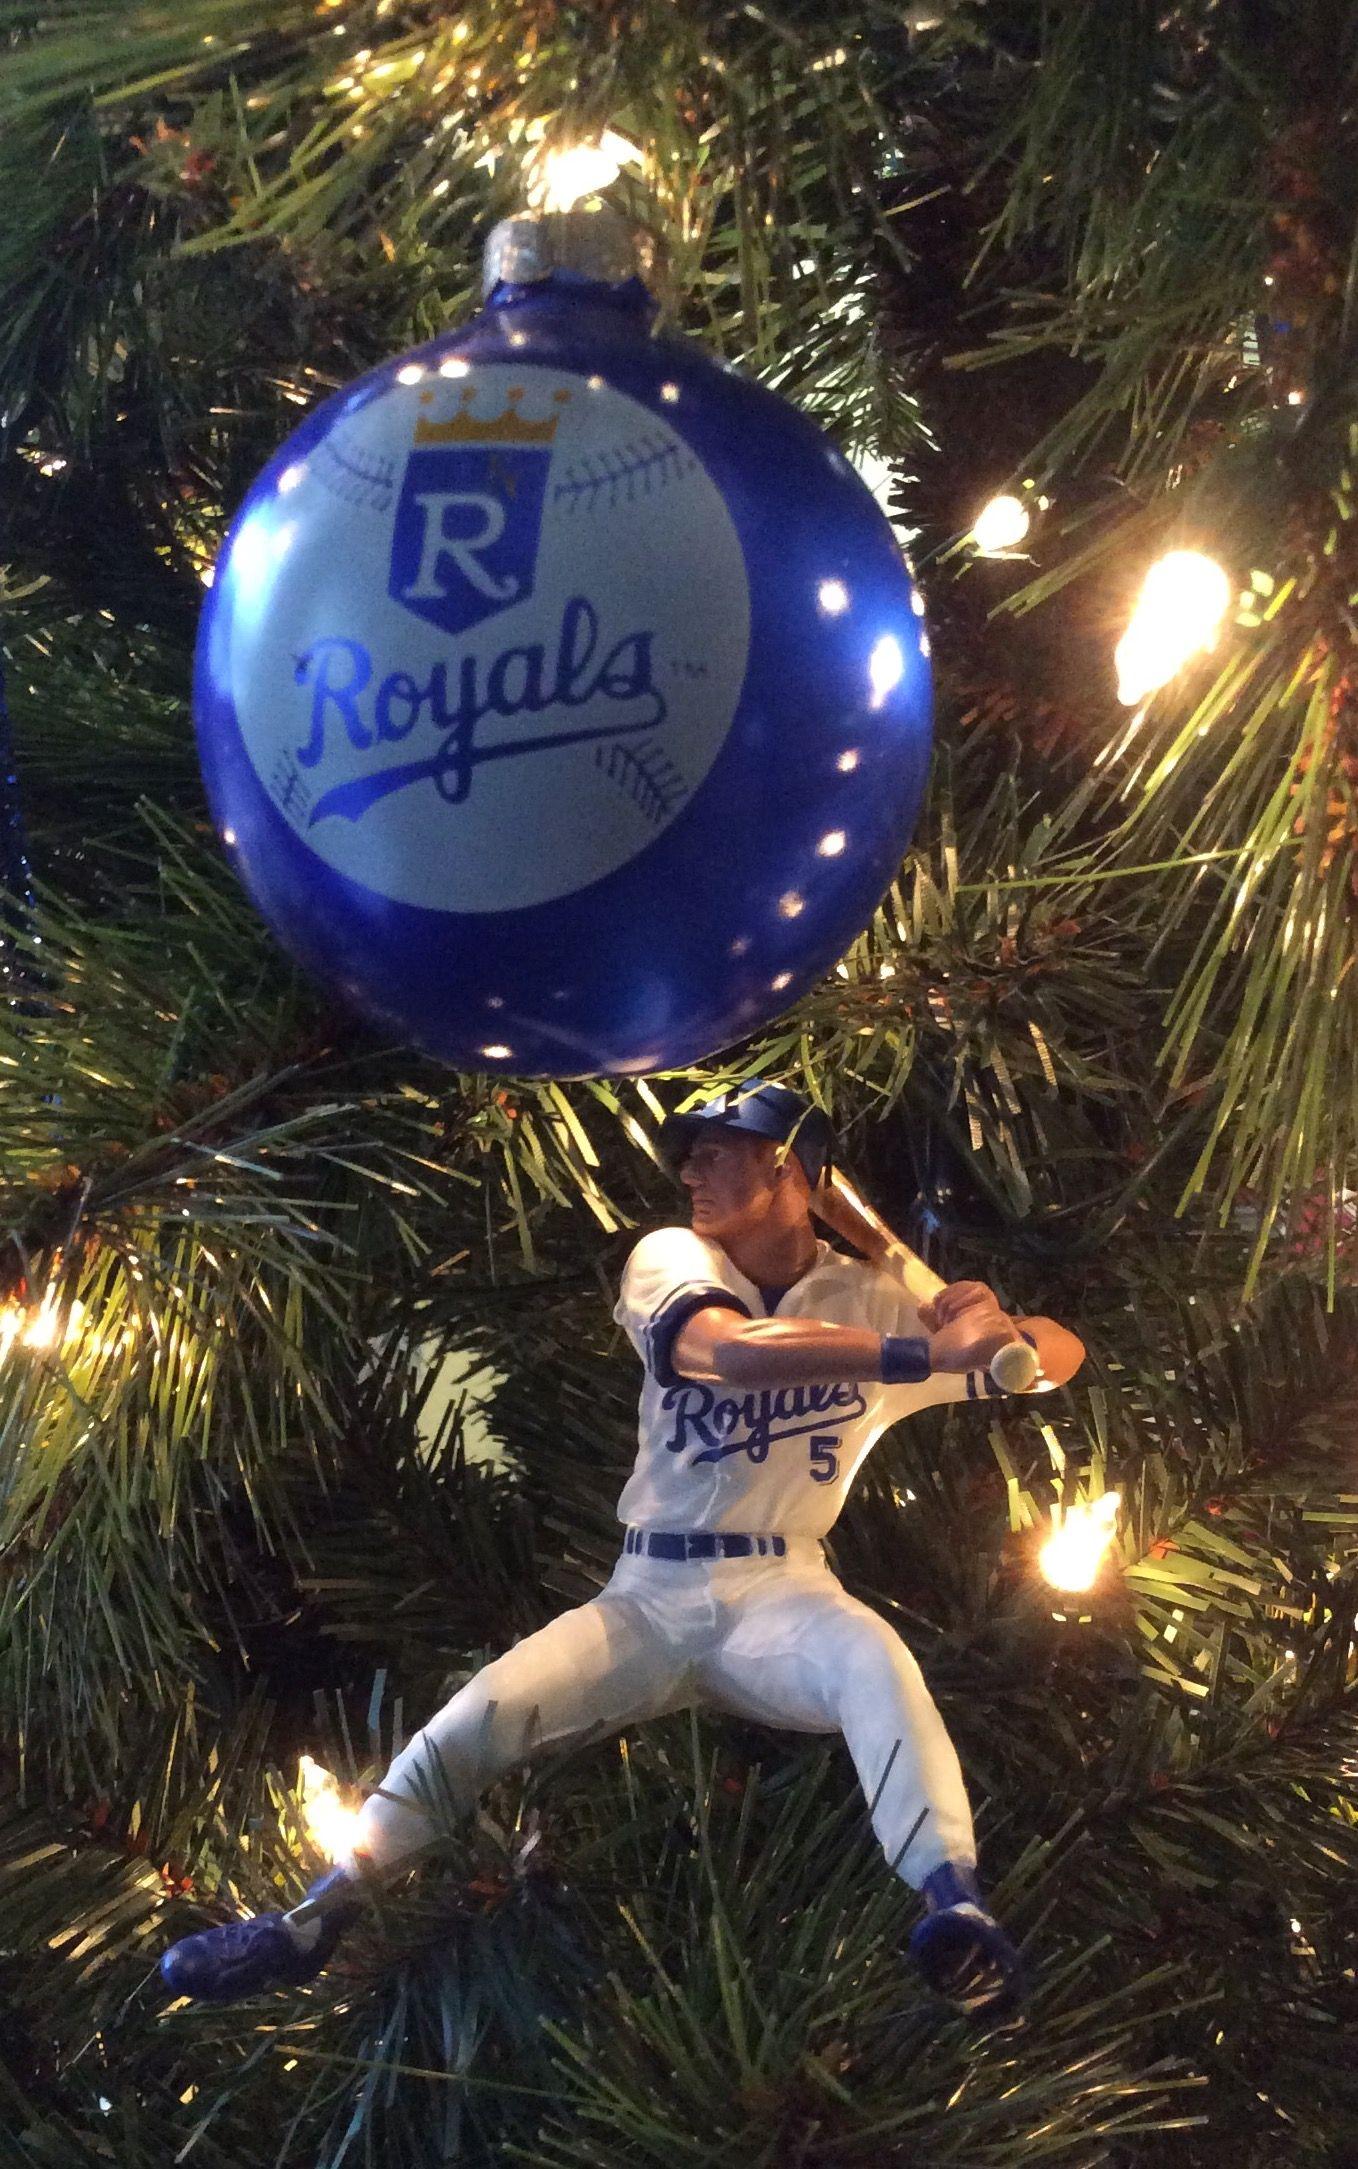 KC Royals ornament & George Brett ornament | Kansas City Royals